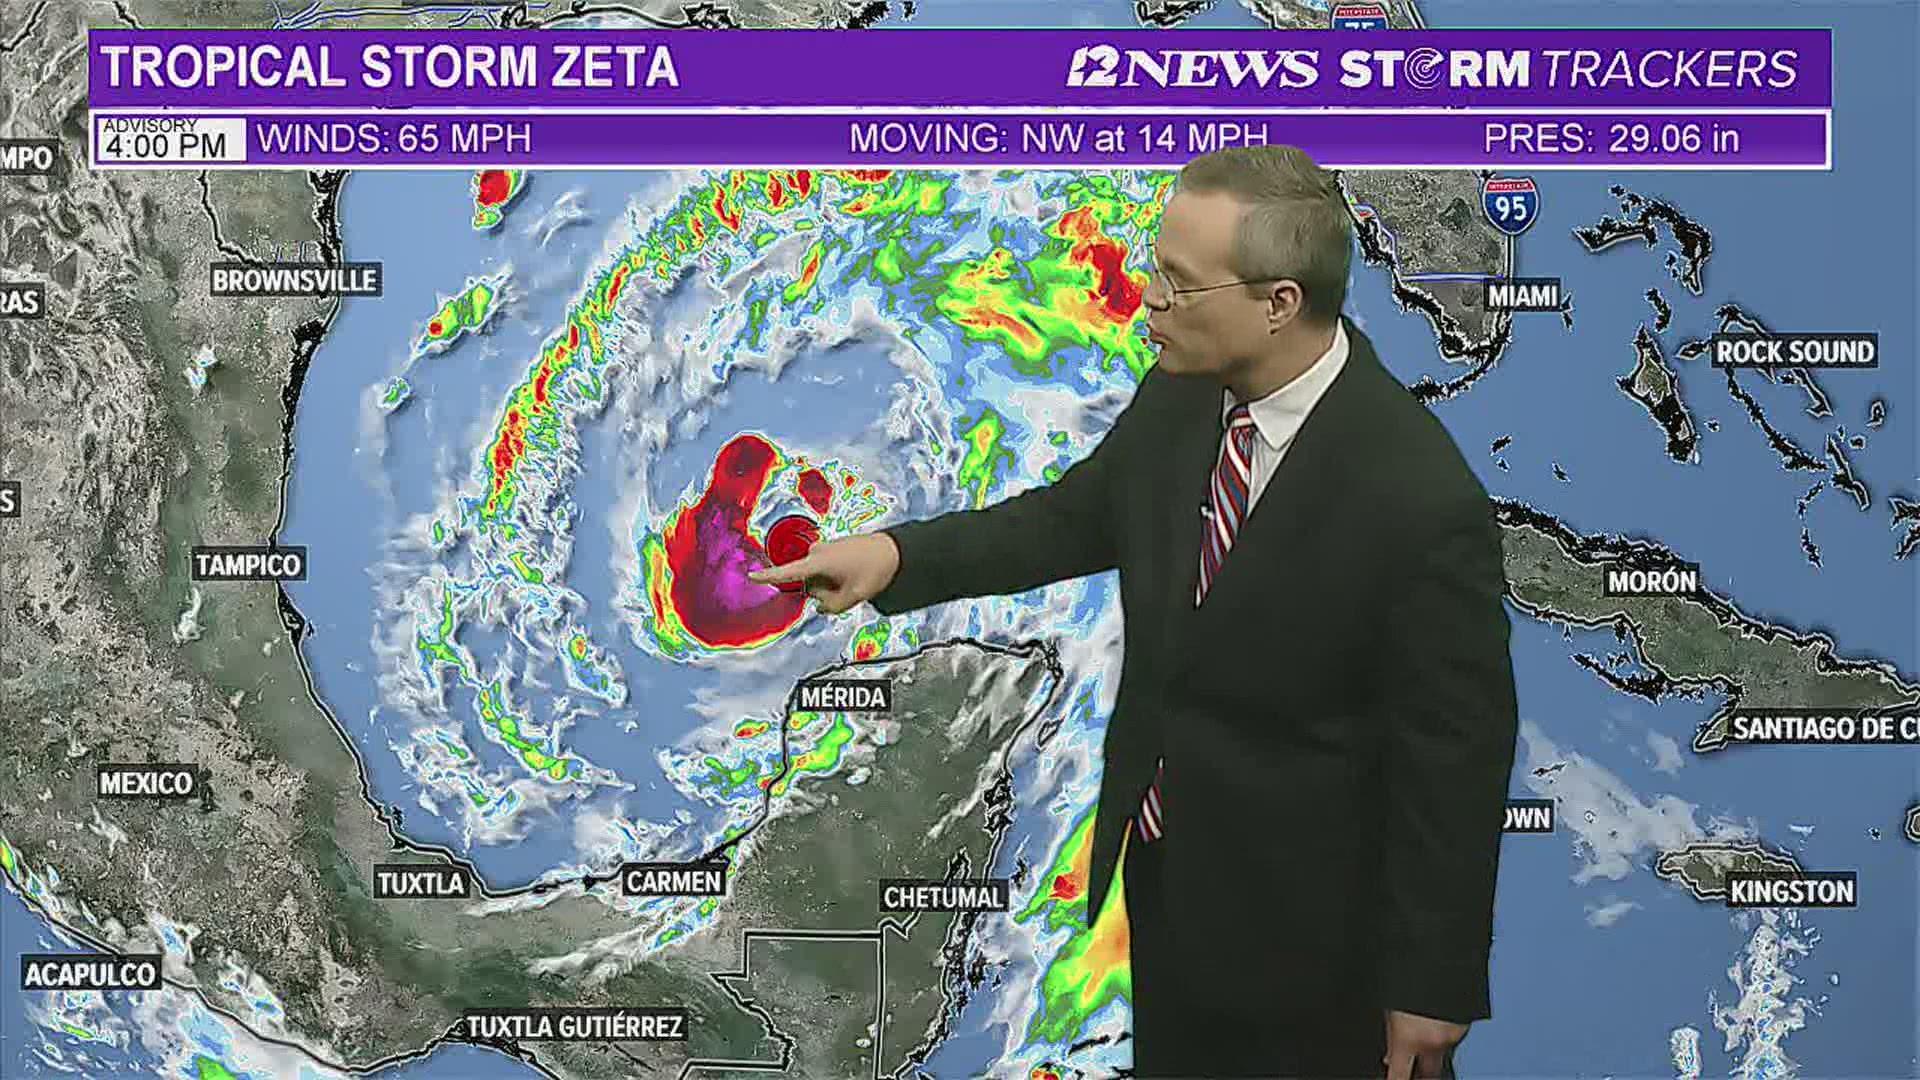 國家颶風中心警告,熱帶風暴澤塔將會給墨西哥灣北部沿岸帶來颶風和風暴潮。    電視屏幕截圖